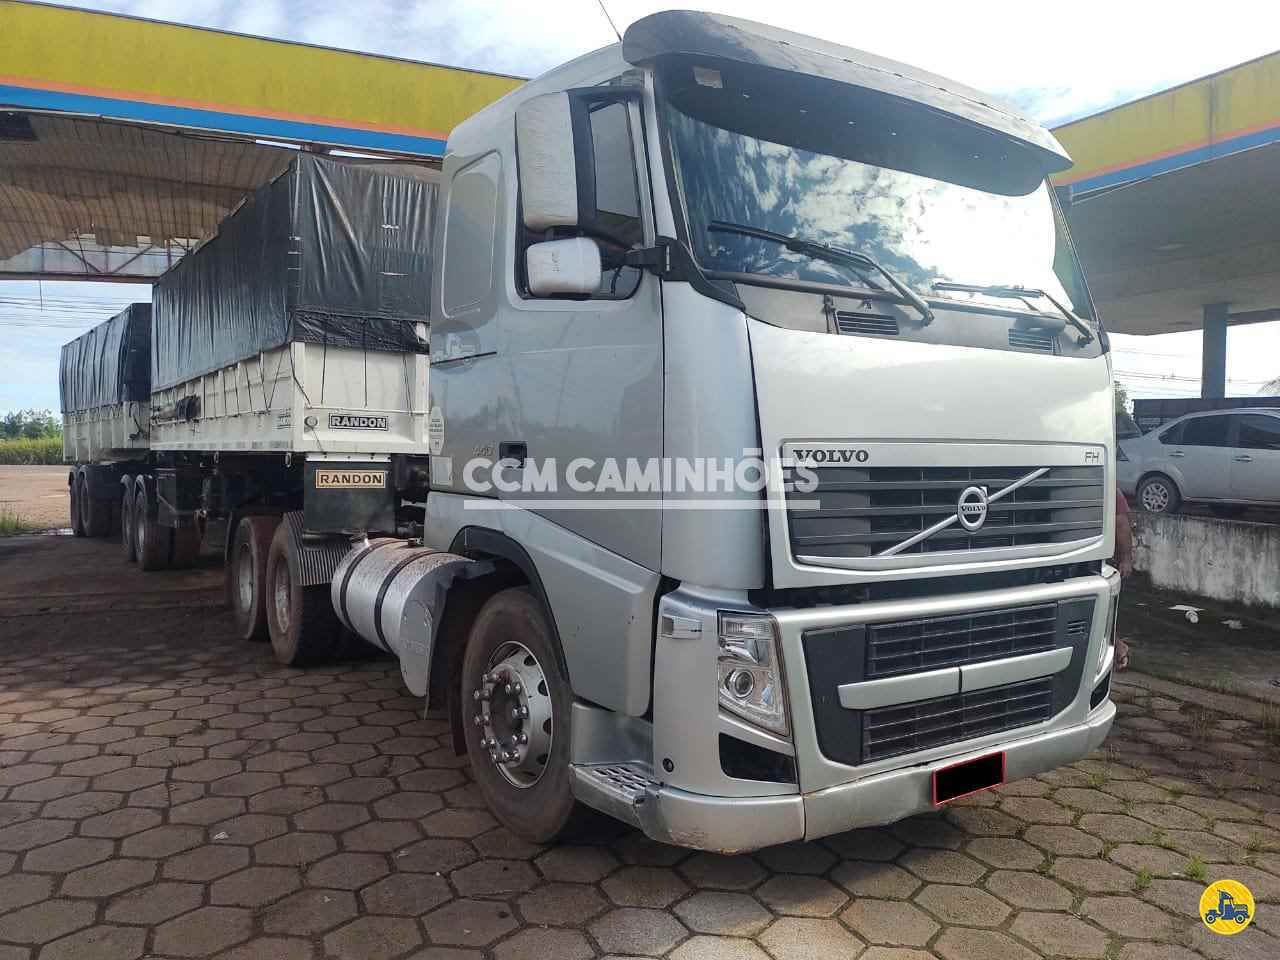 CAMINHAO VOLVO VOLVO FH 440 Cavalo Mecânico Truck 6x2 CCM Caminhões GOIANIA GOIAS GO